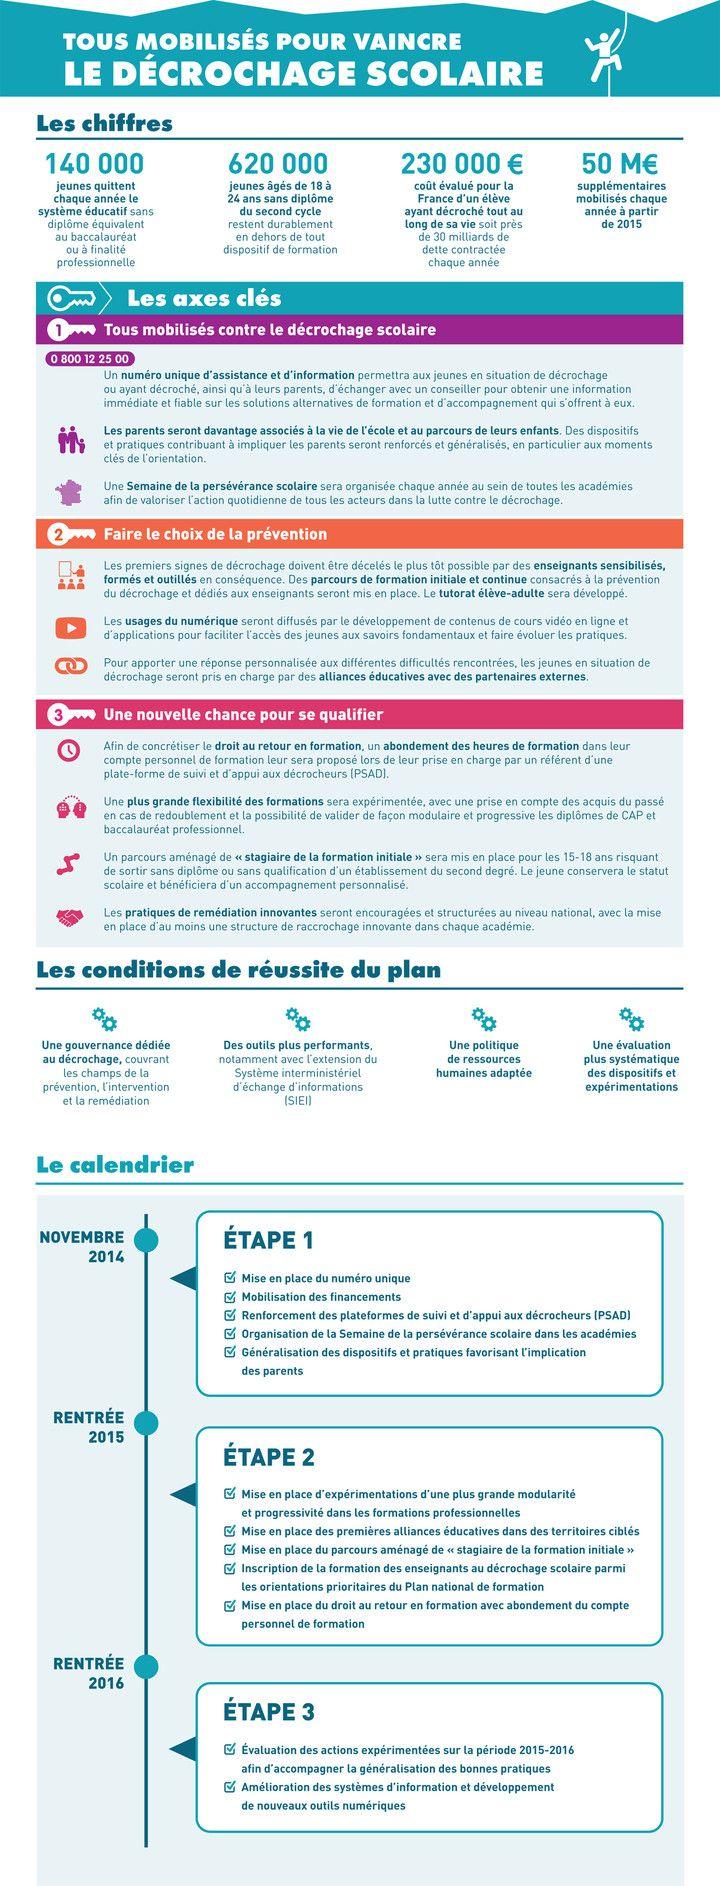 Tous Mobilises Pour Vaincre Le Decrochage Scolaire Decrochage Scolaire Education Nationale Systeme Educatif